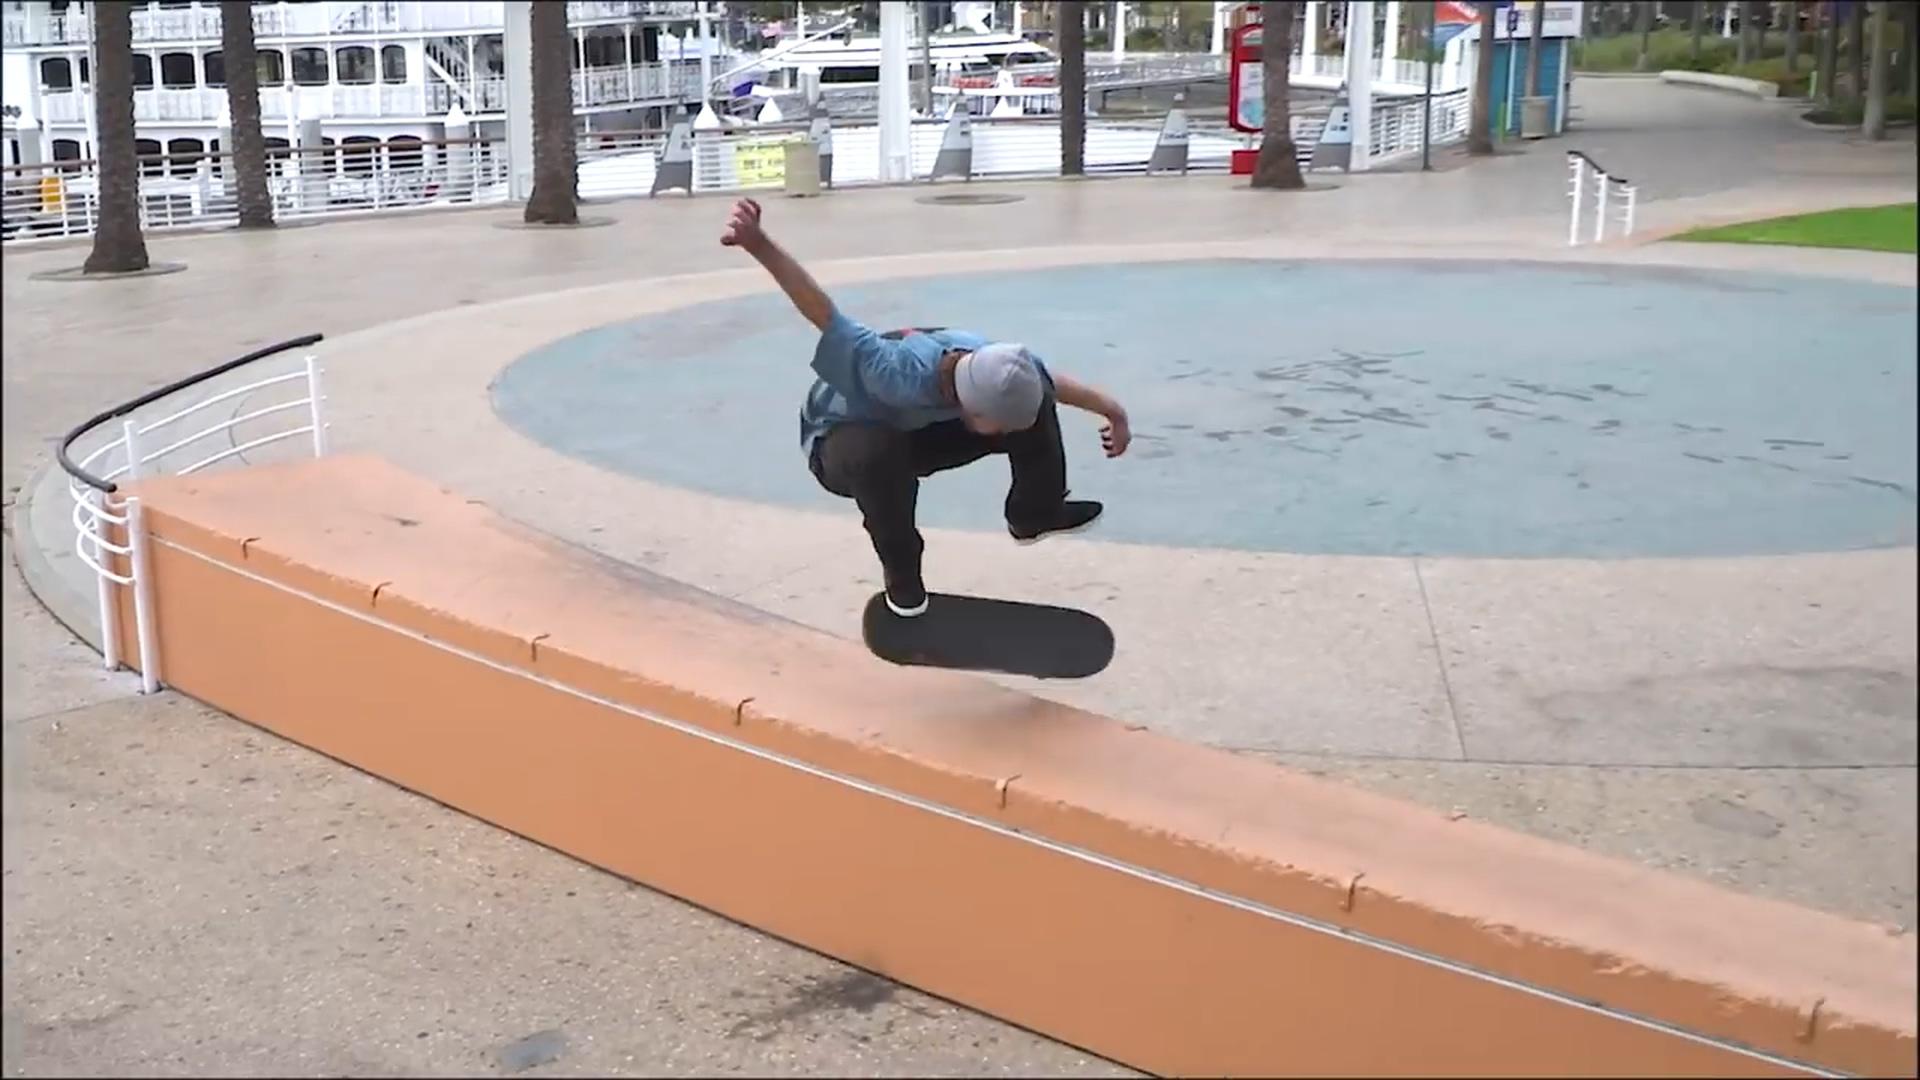 V_SUAL Skateboards Promo - 2017.mp4_20171127_093804.602